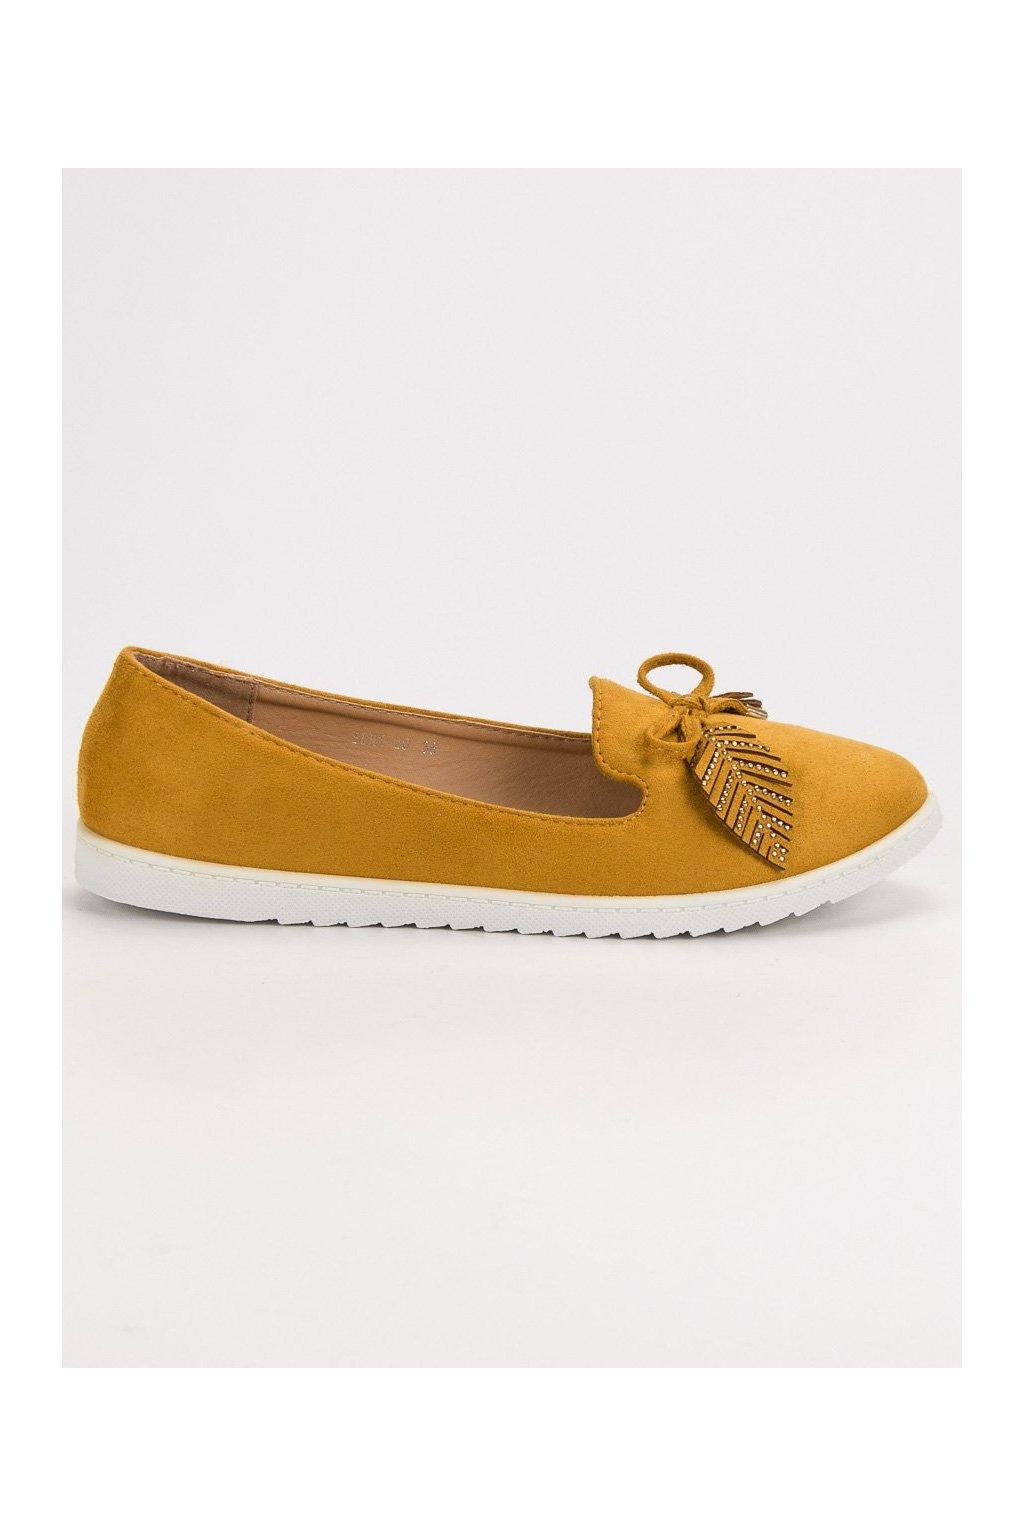 a87ffe0ac Výpredaj Letná obuv | NAJ.SK